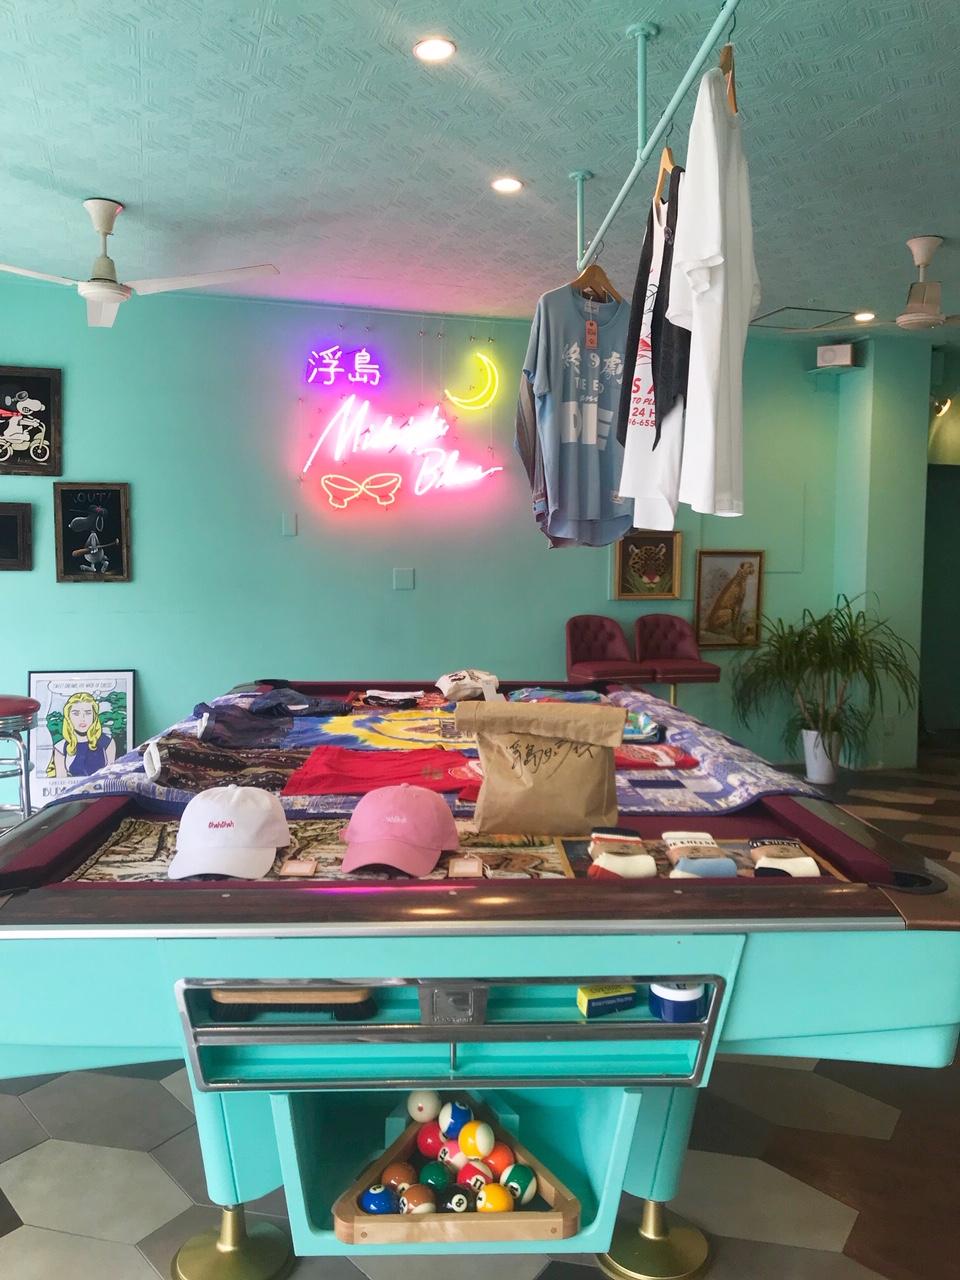 【沖縄女子旅】国際通りのかわいいカフェ♡ おしゃれスムージーと絶品サンドイッチのお店、教えます!_8